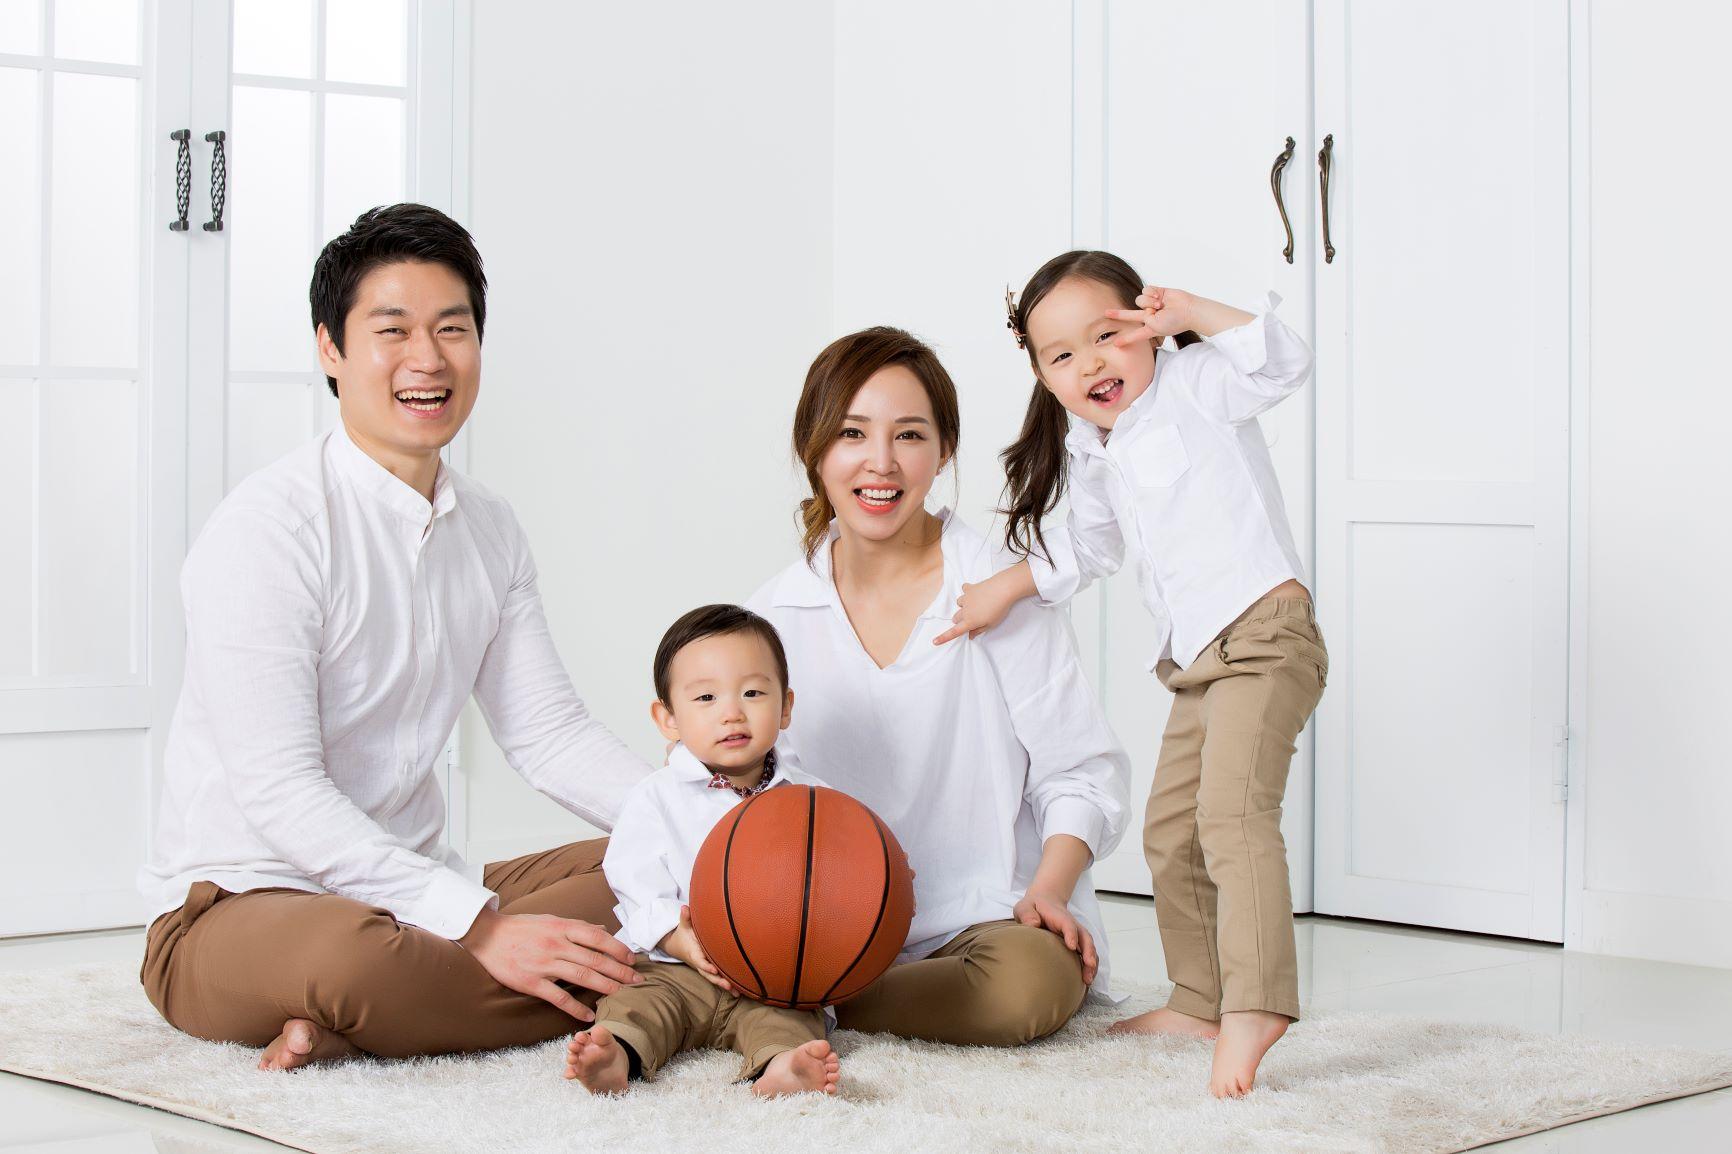 Happy Family Award ครอบครัวไทยฉีดวัคซีนเข้มแข็ง-อบอุ่น-สงบสุข-พอเพียง thaihealth